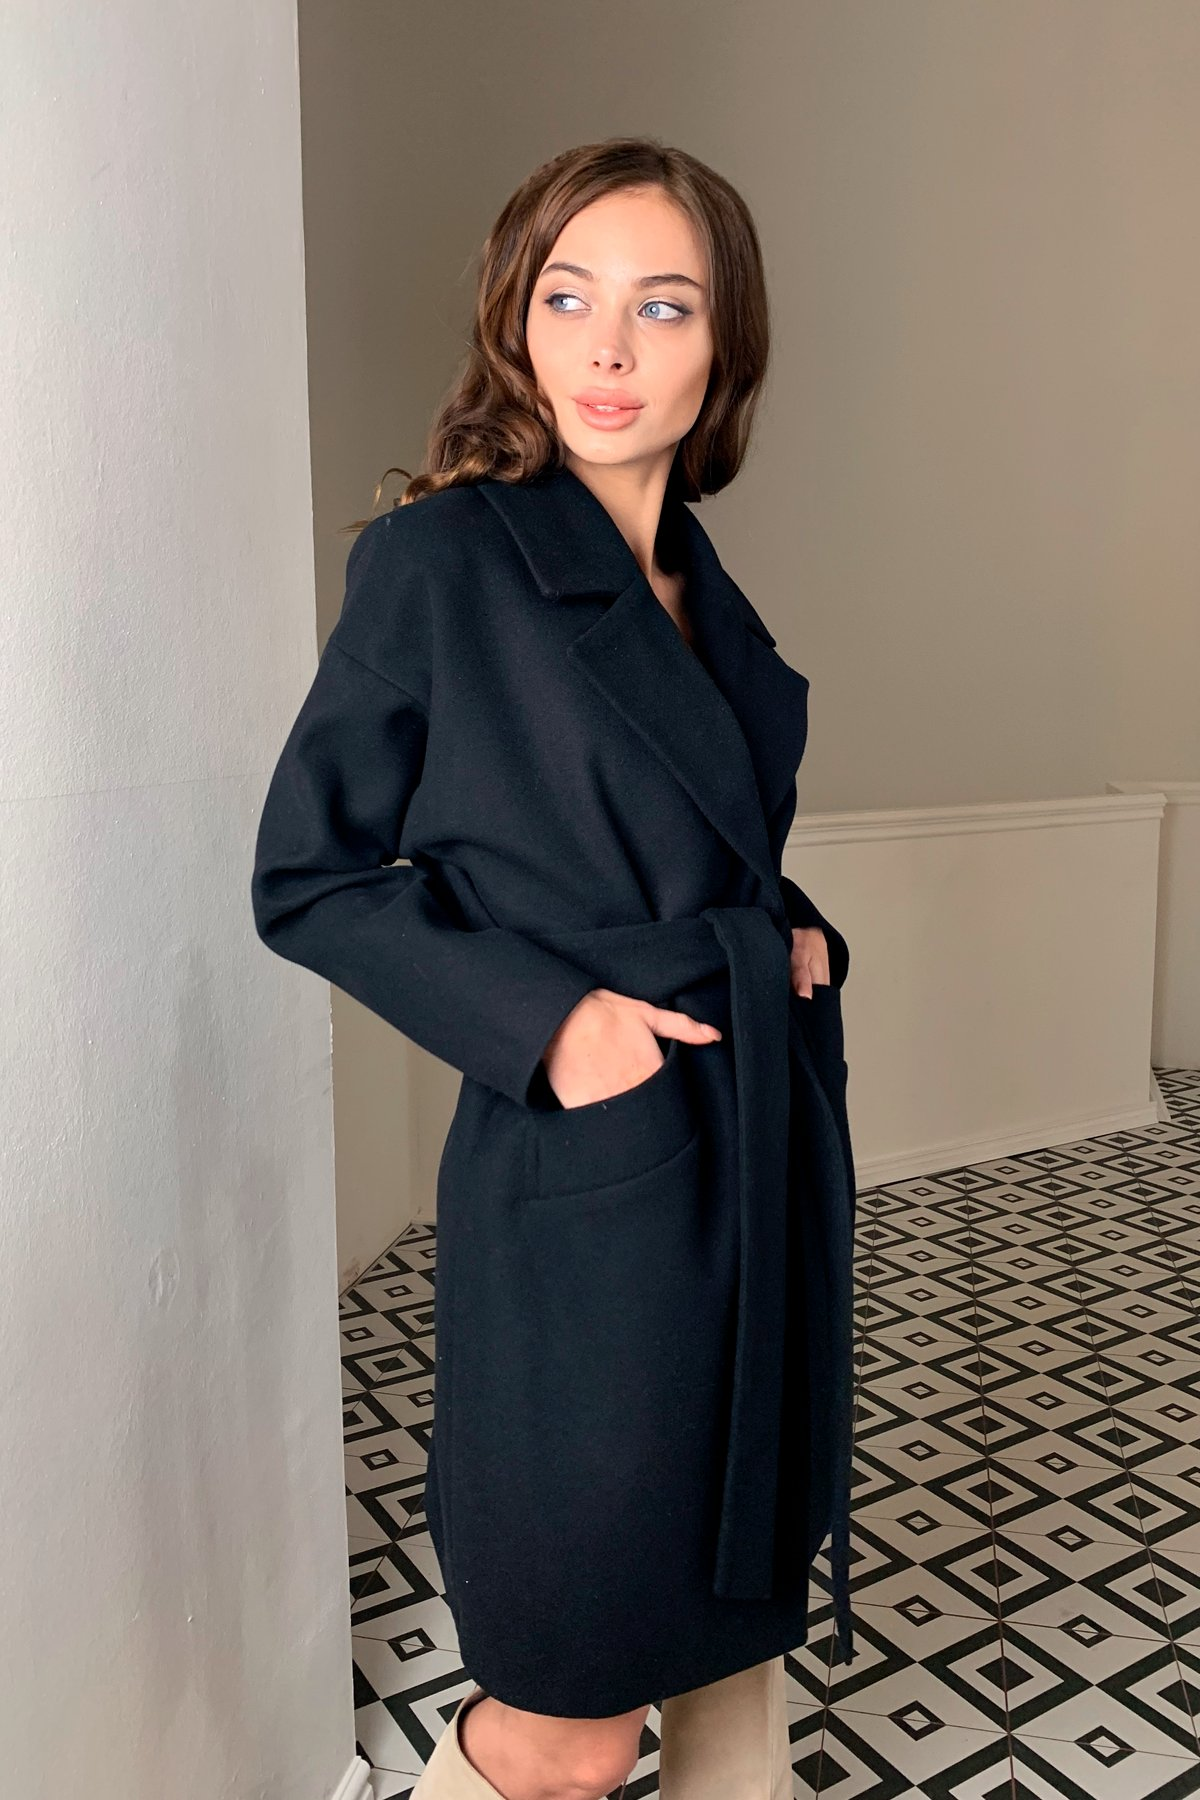 Пальто Сенсей 9767 АРТ. 46070 Цвет: Черный - фото 3, интернет магазин tm-modus.ru